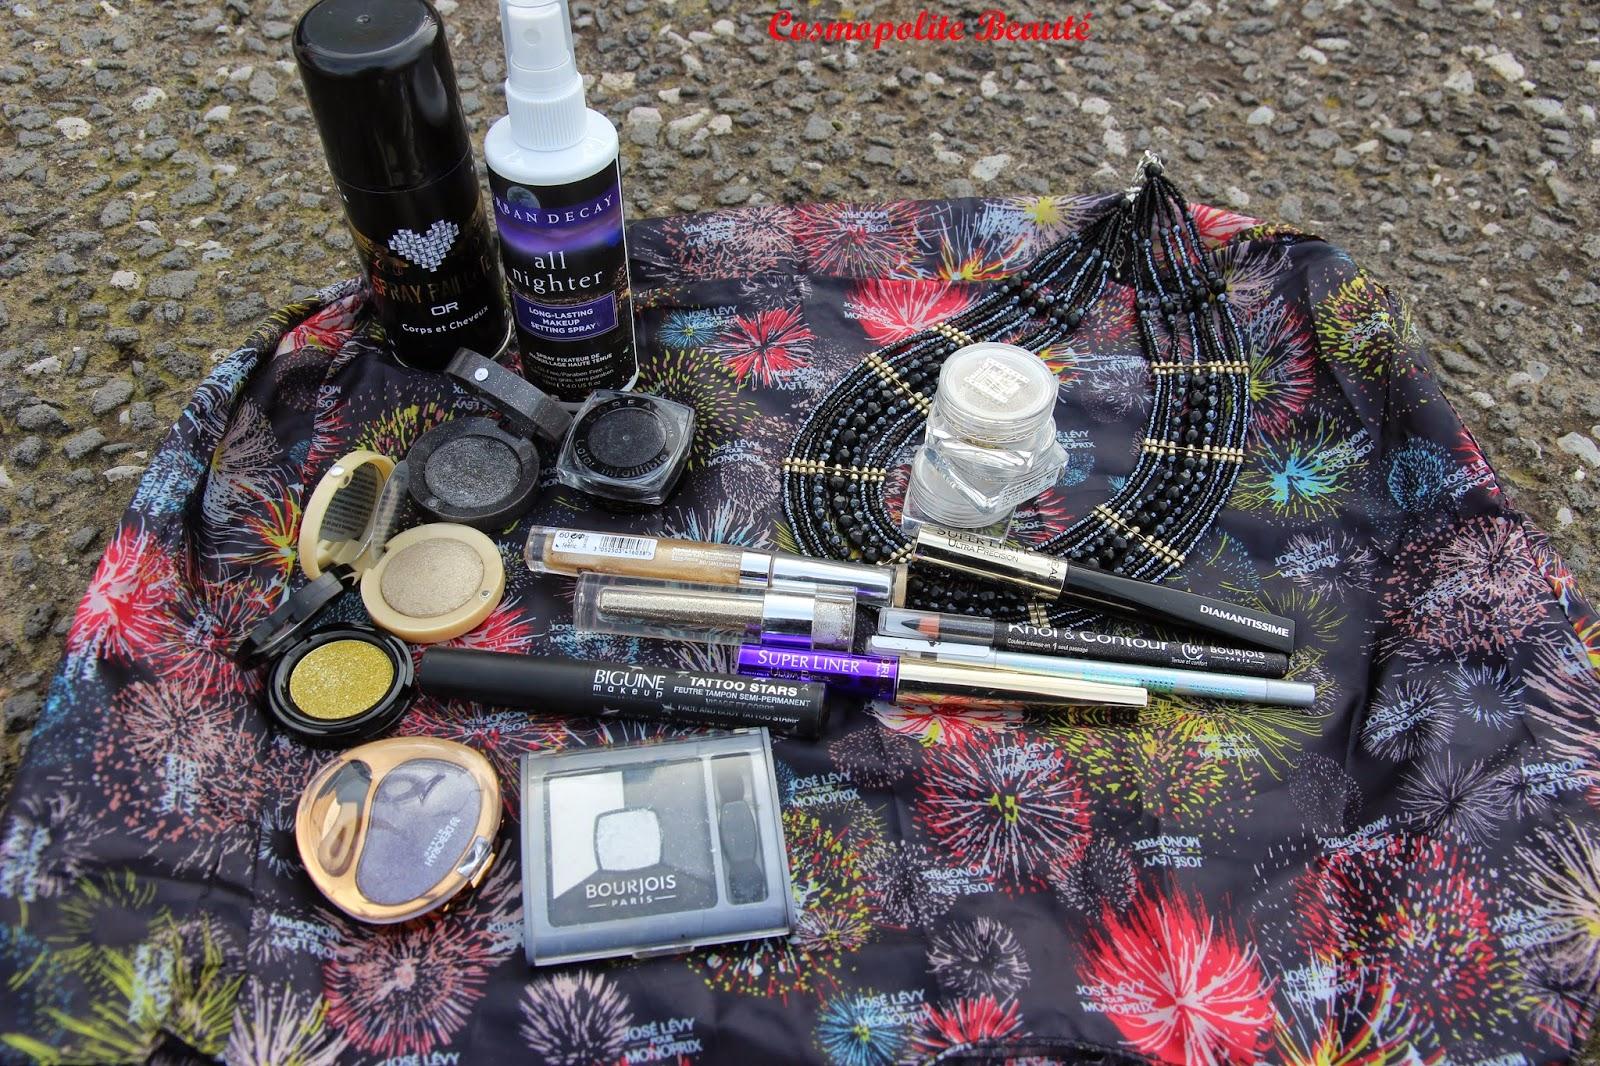 maquillage de fêtes, look des fêtes, maquillage, urban decay, ombres à paupières Bourjois, L'Oréal, liners paillettes, diamantissime, tatoo, paillettes, biguine, stars powders